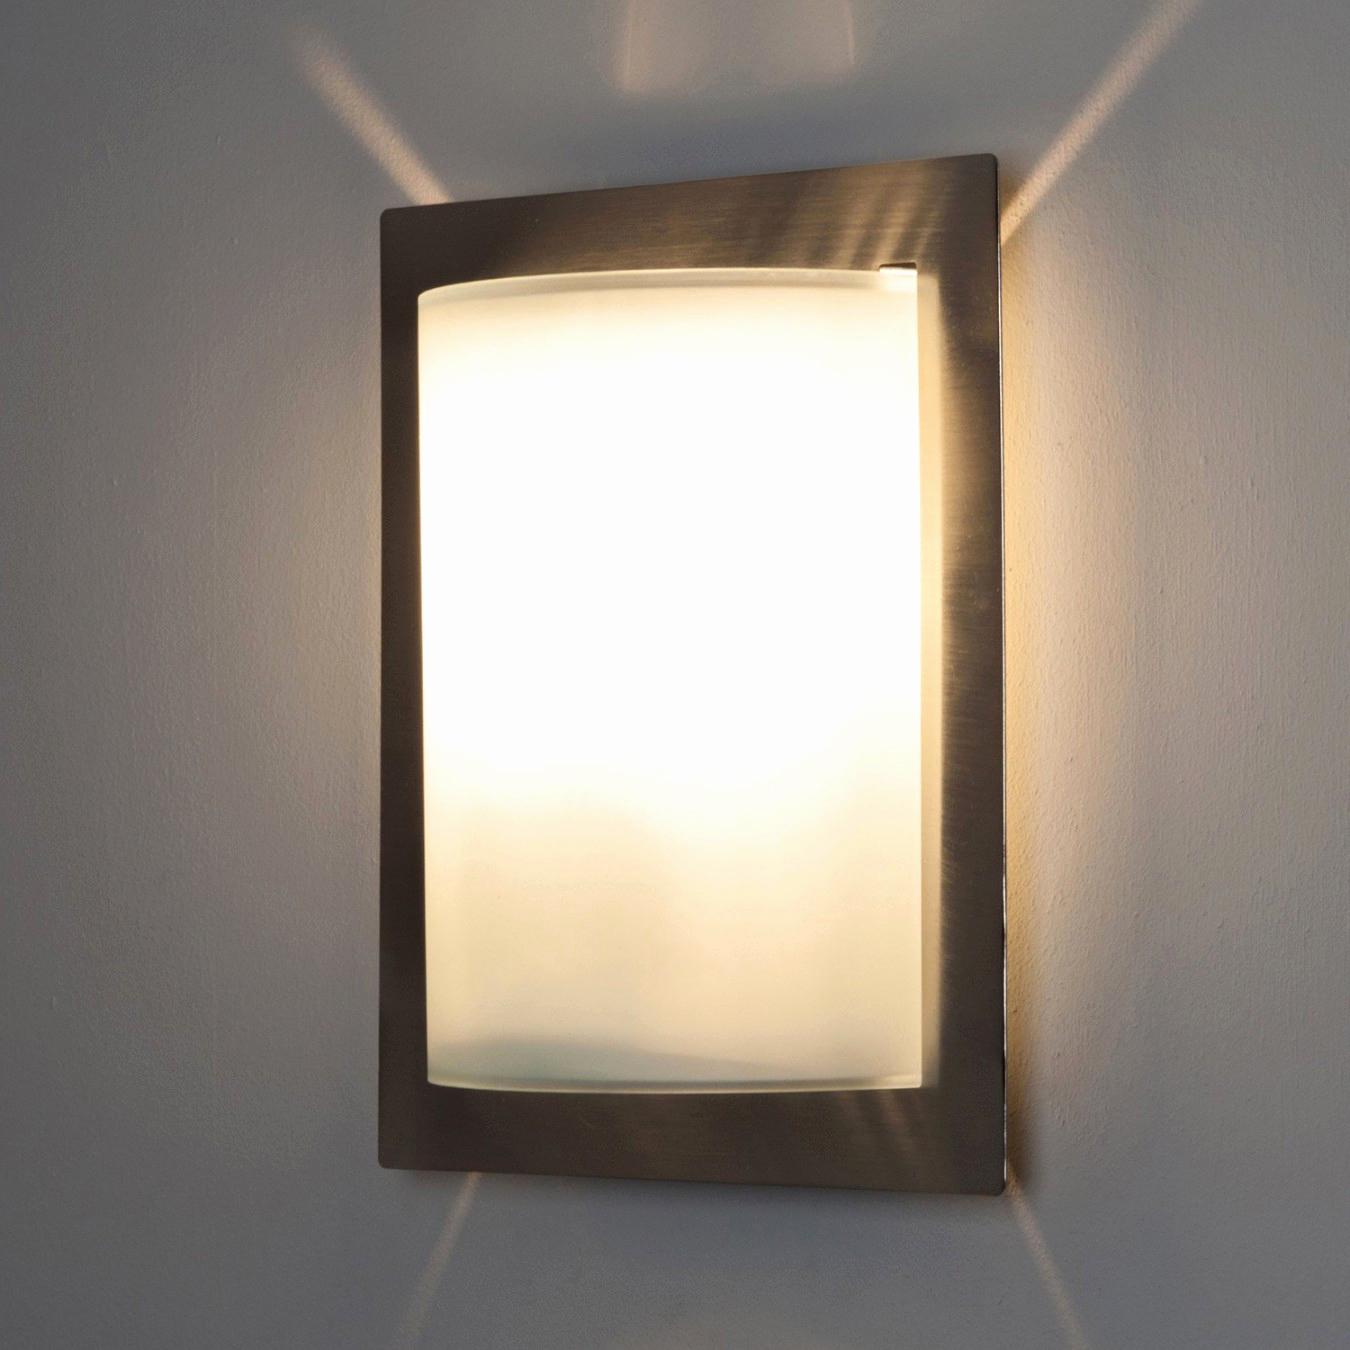 Flexible Leroy Merlin Frais Images Applique Murale Exterieure Leroy Merlin Nouveau Liseuse De Lit Lampe